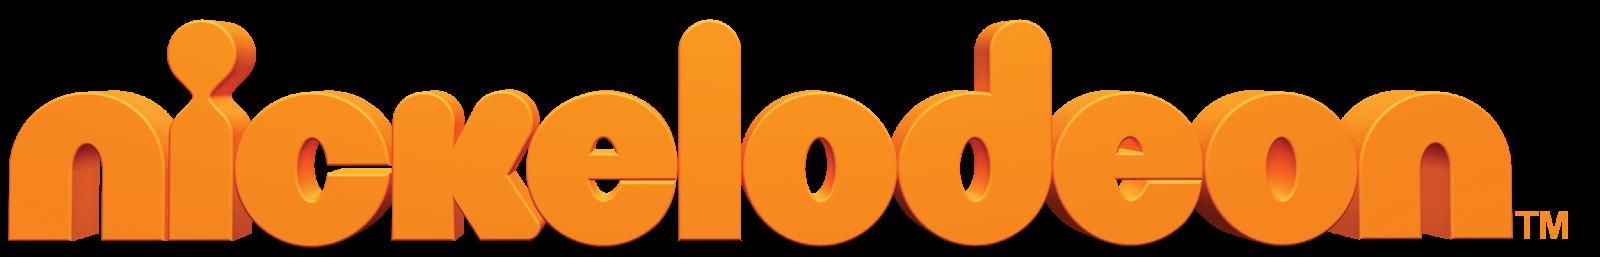 Nickelodeon - Amo Nick